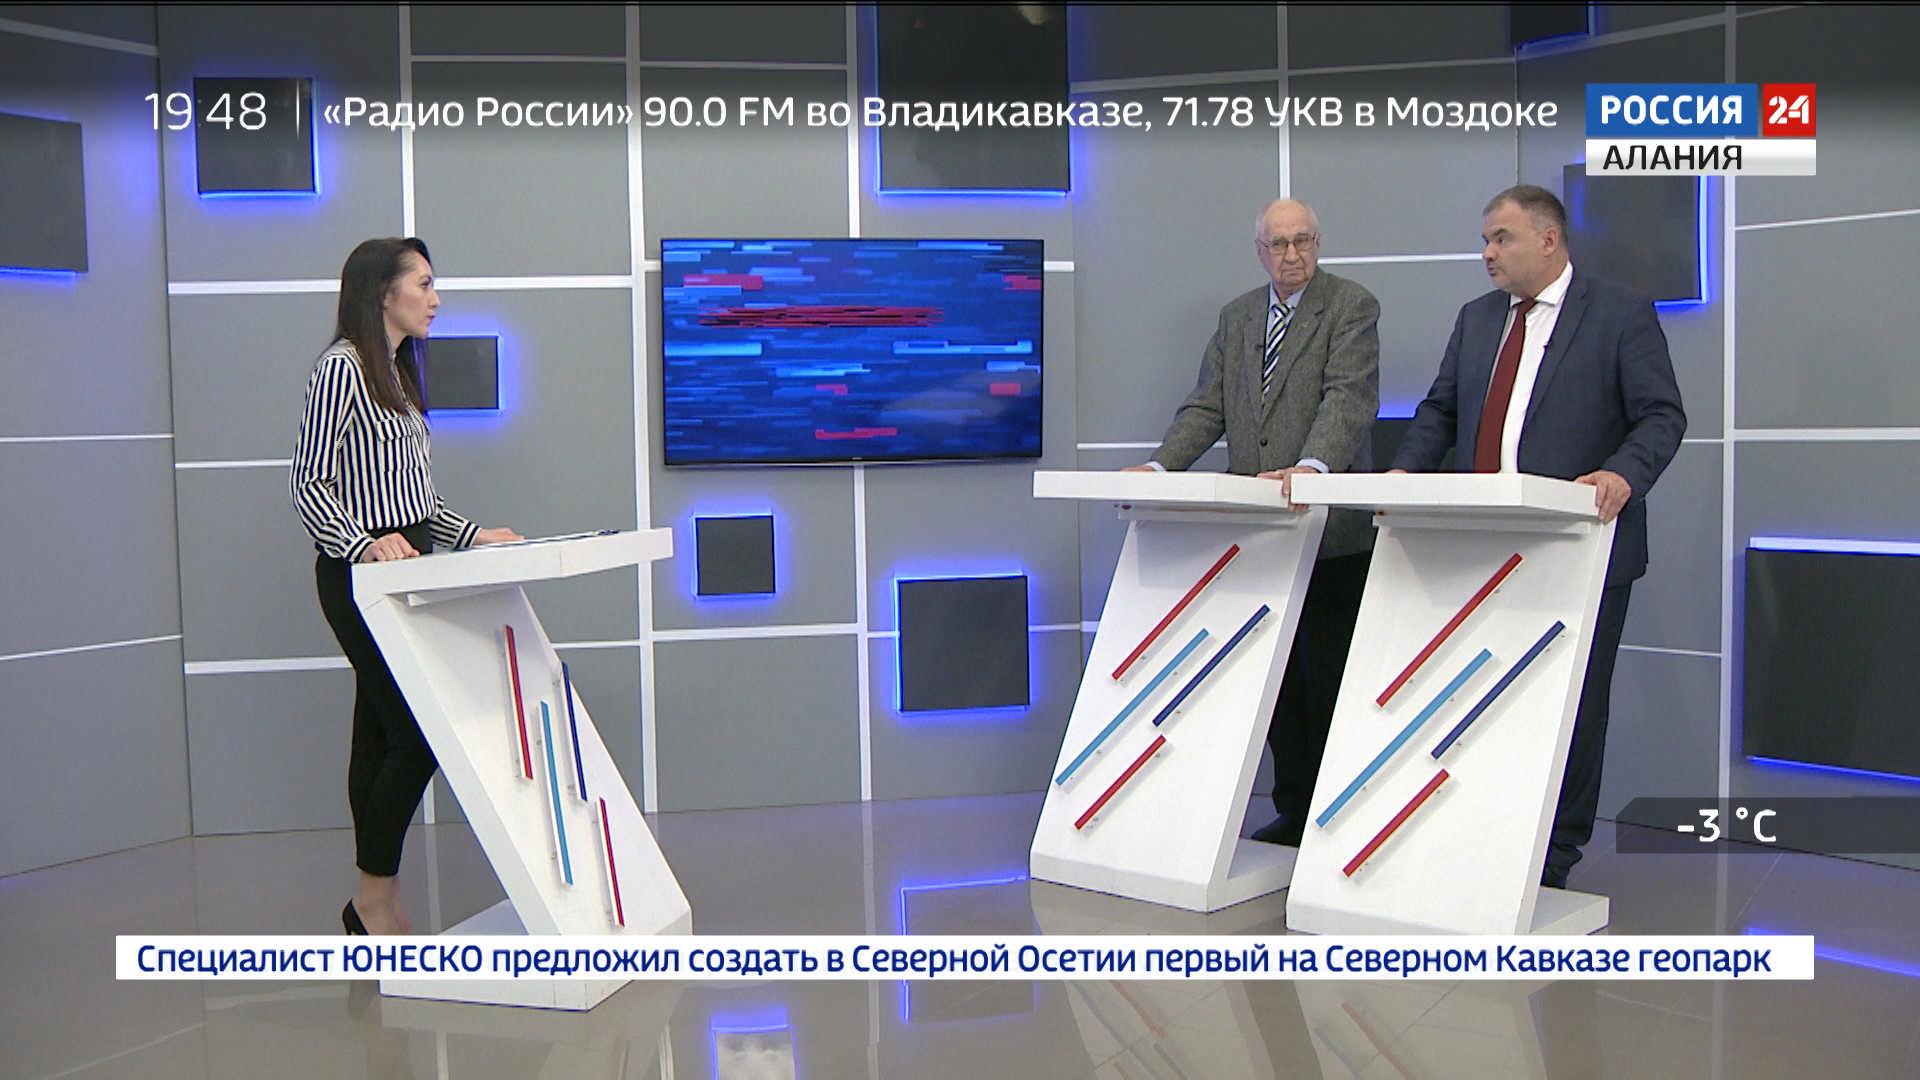 Россия 24. IX Международная научно-практическая конференция «Горные территории: приоритетные направления развития»